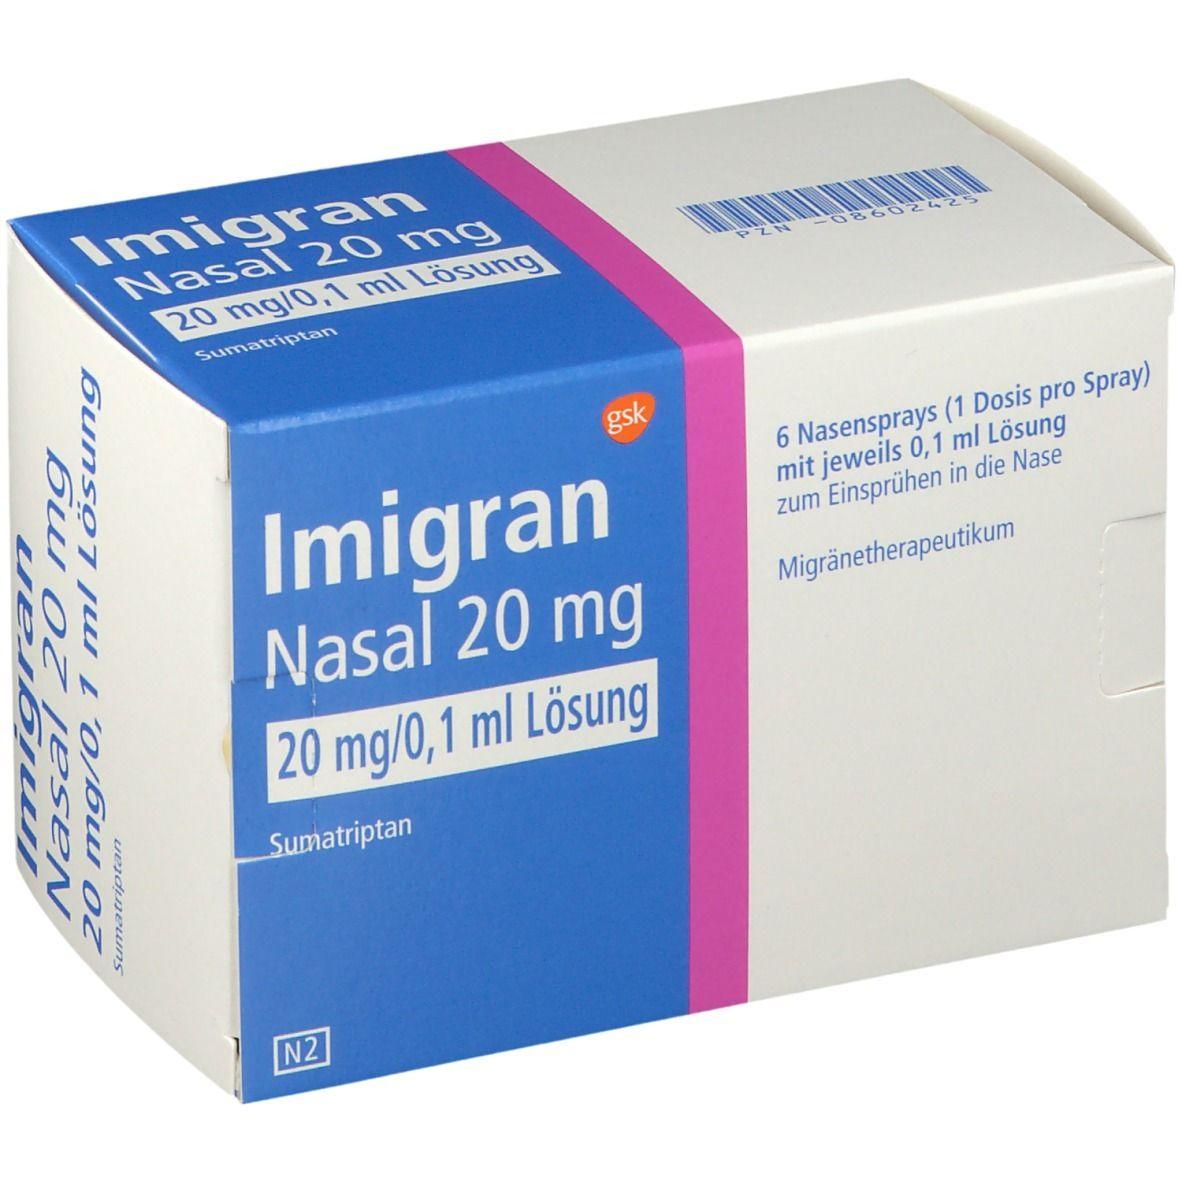 Imigran nasal 20 mg Nasenspray 6 St - shop-apotheke.com